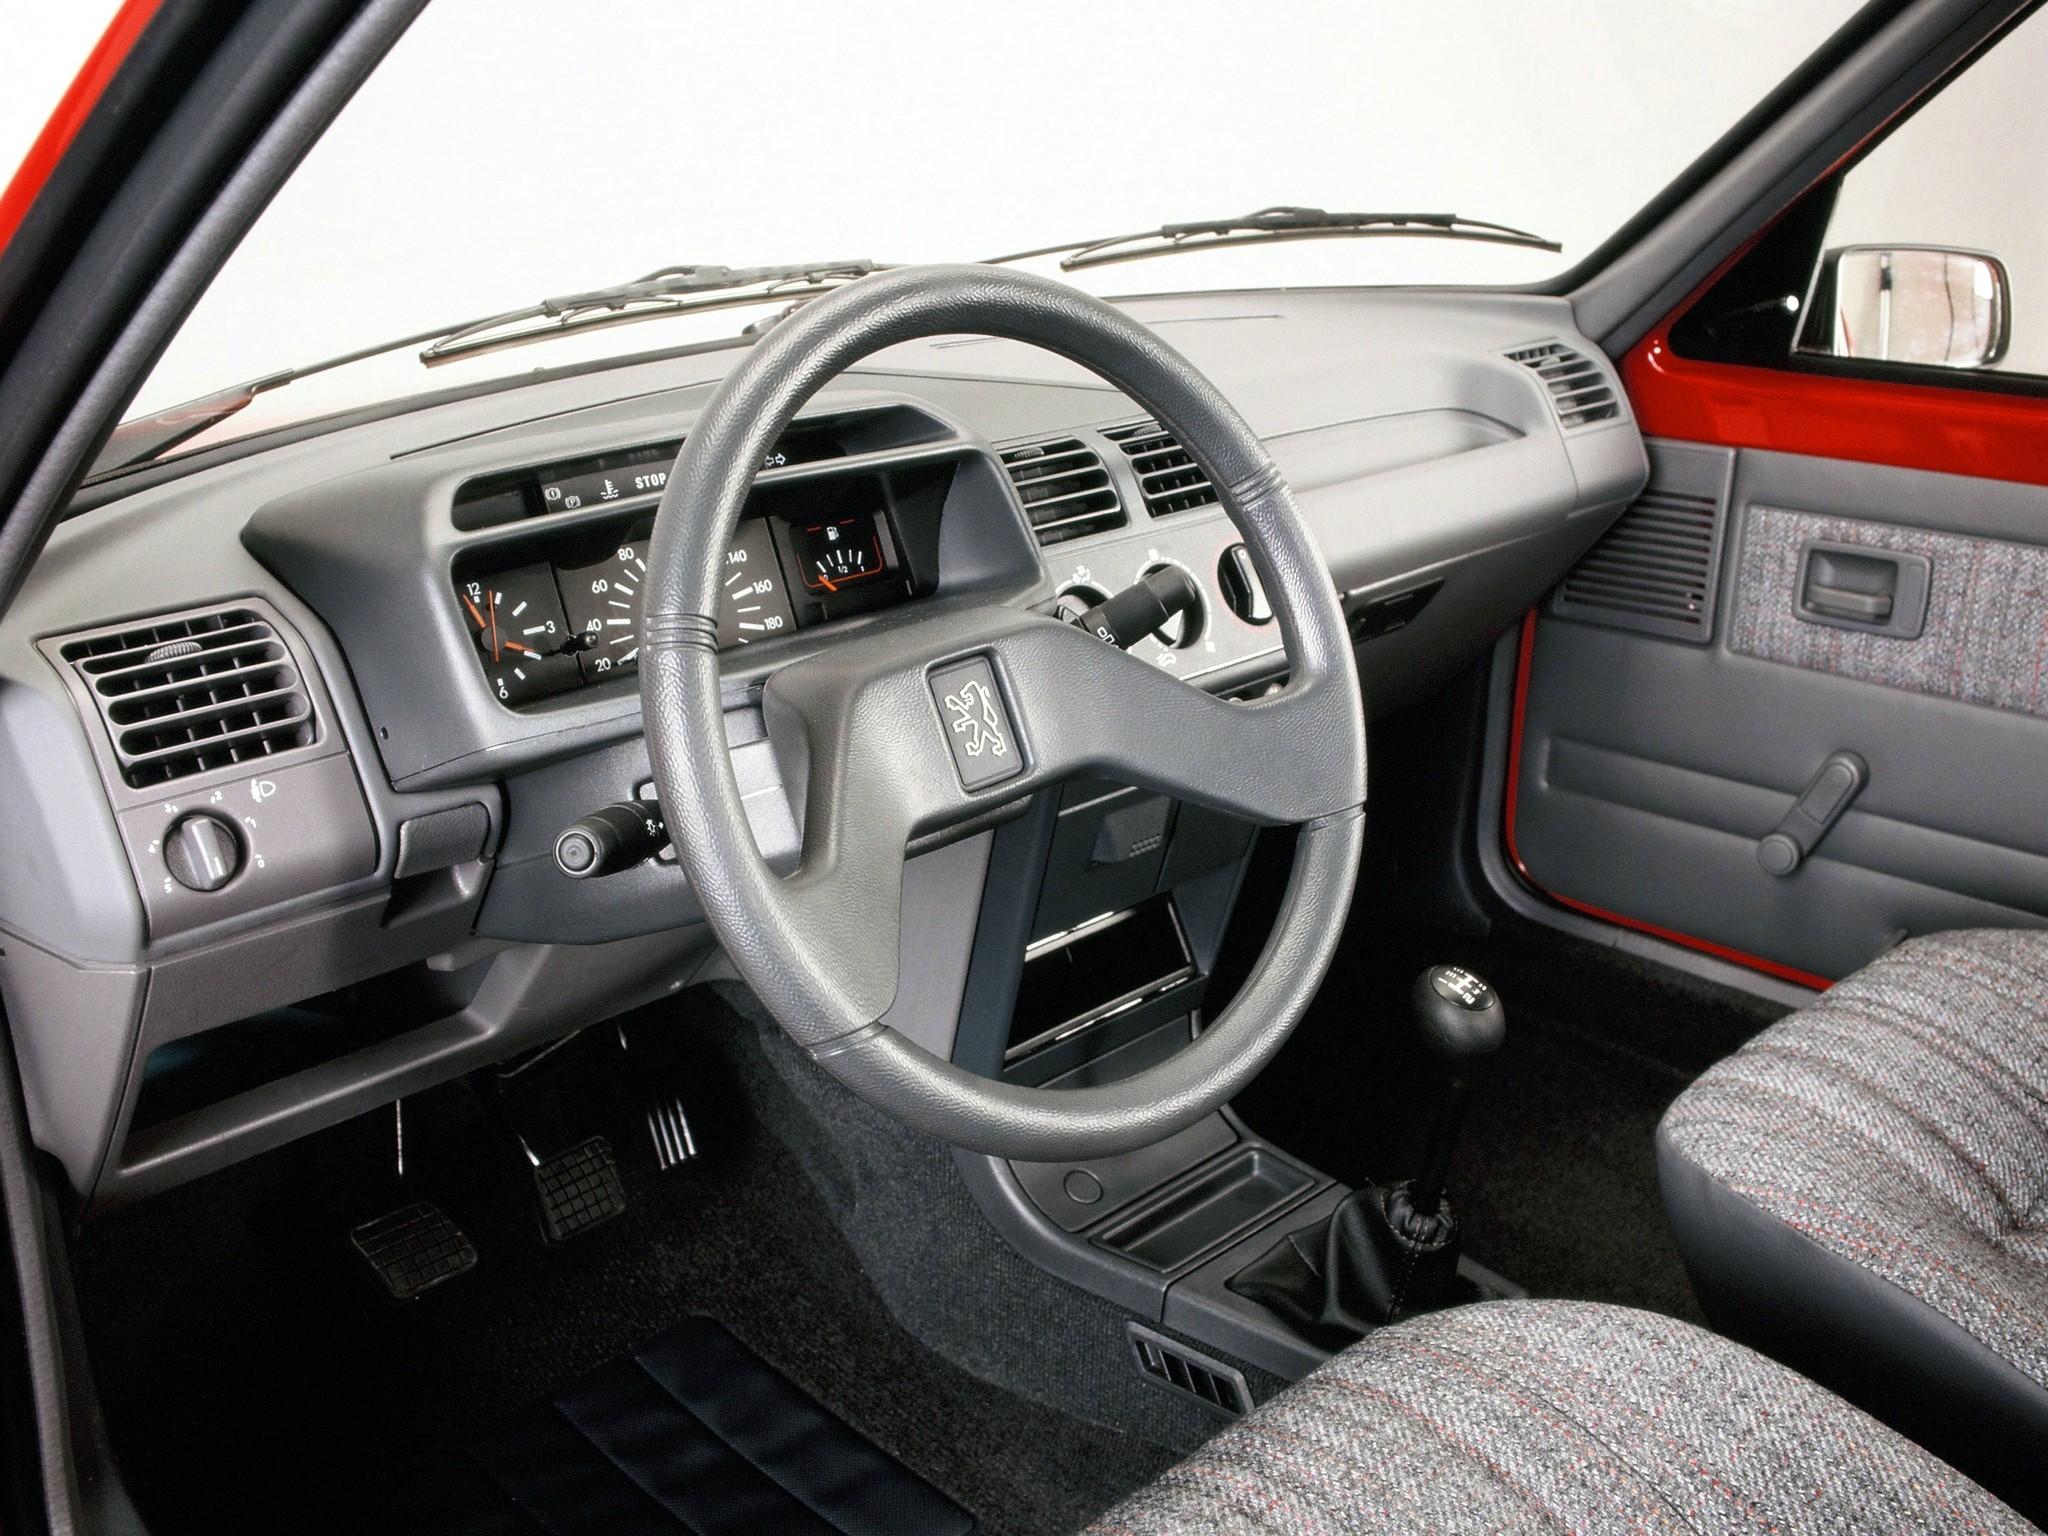 PEUGEOT 205 3 doors - 1984, 1985, 1986, 1987, 1988, 1989 ...